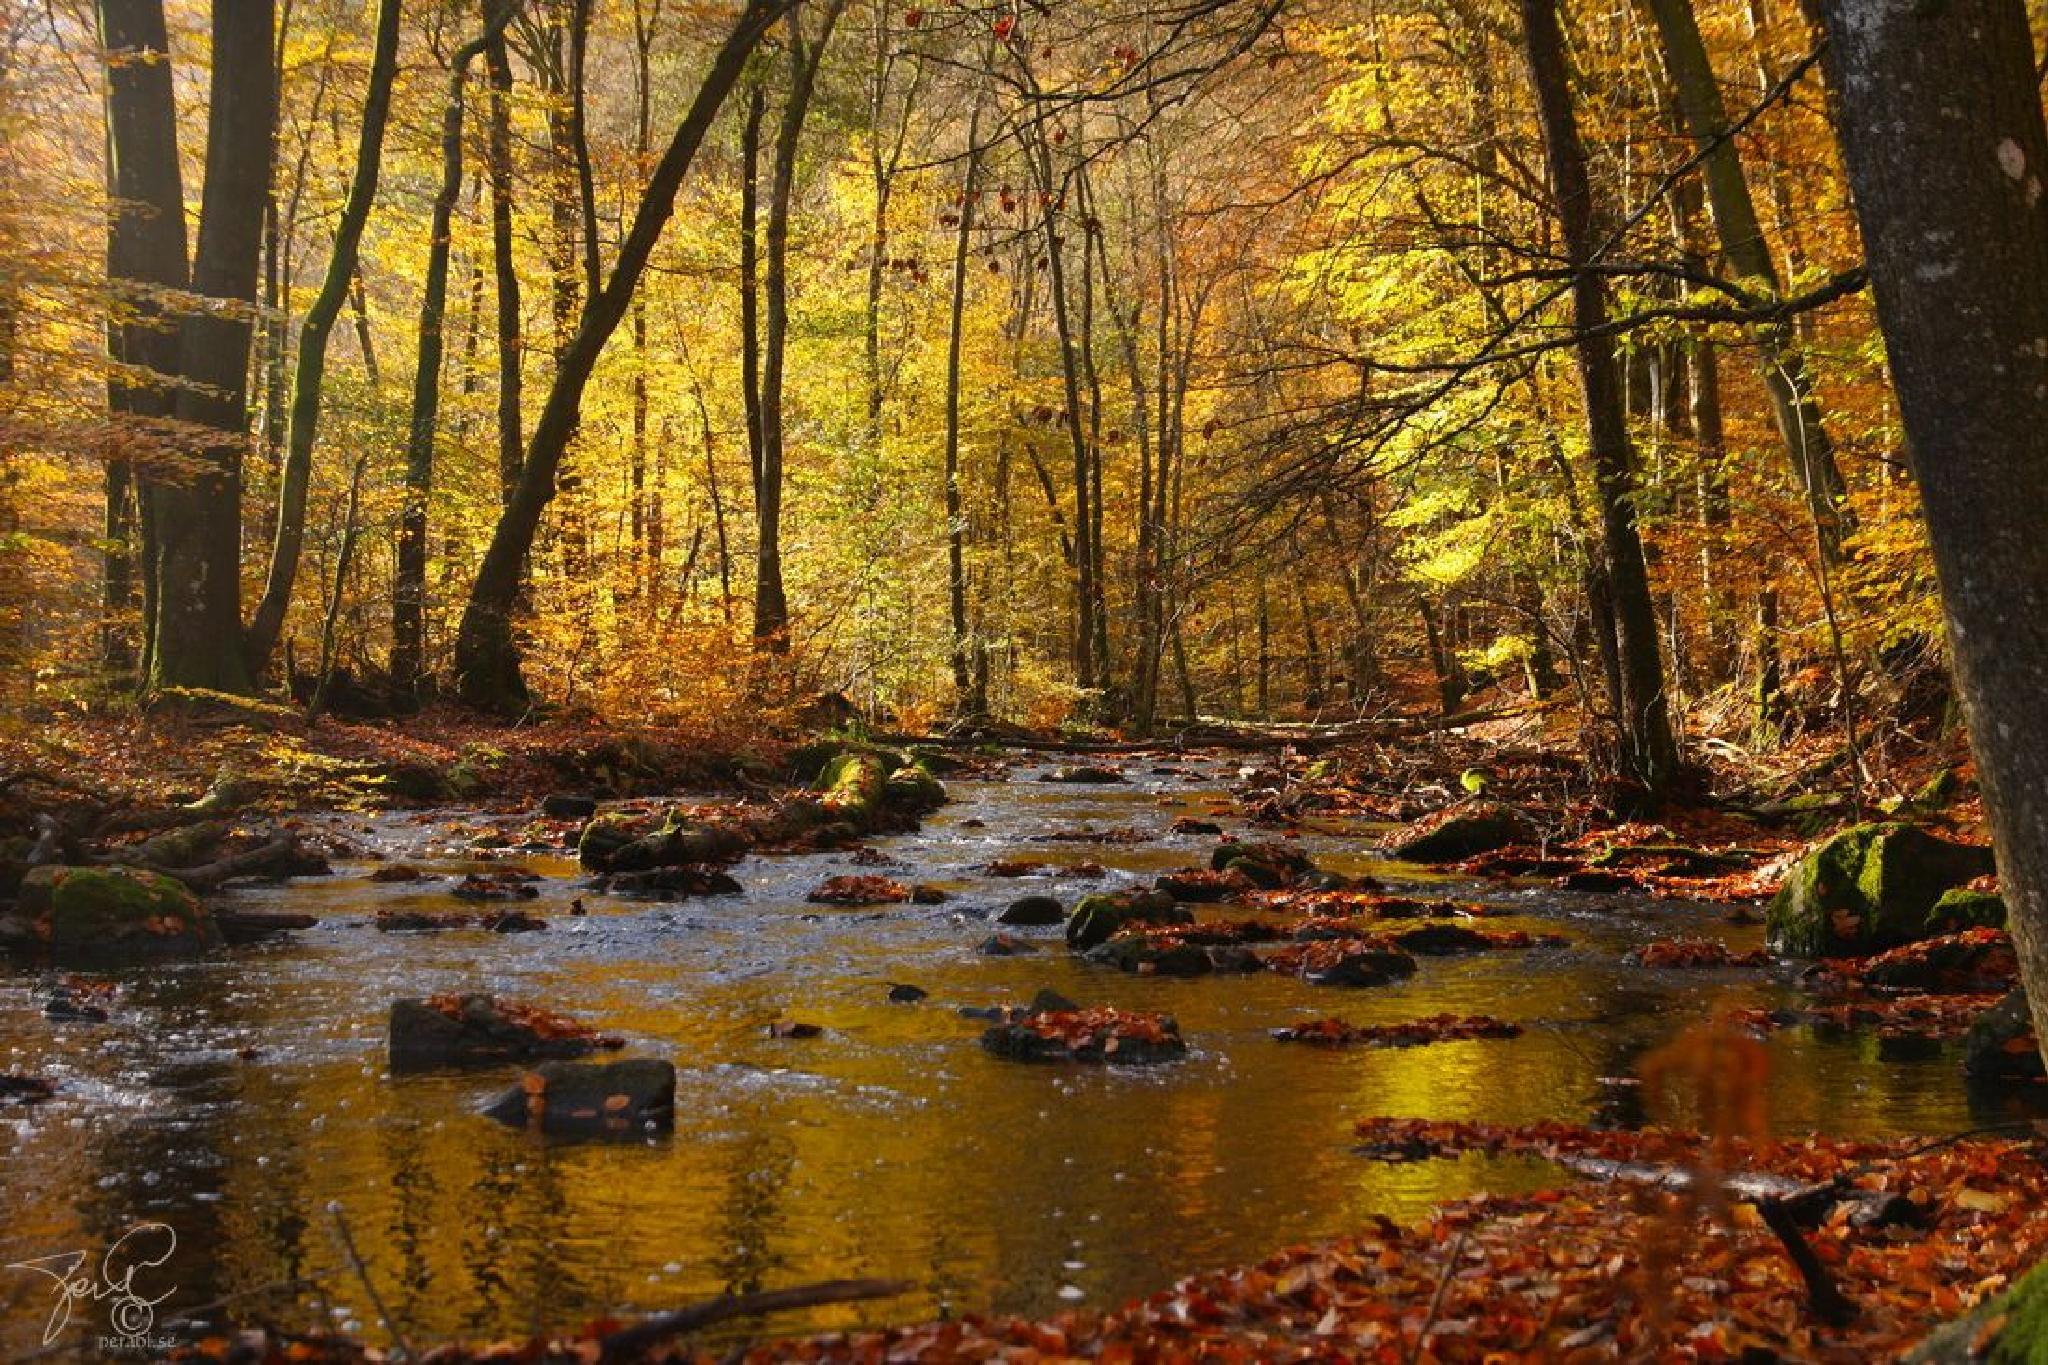 Autumn brook by Per Lindskog